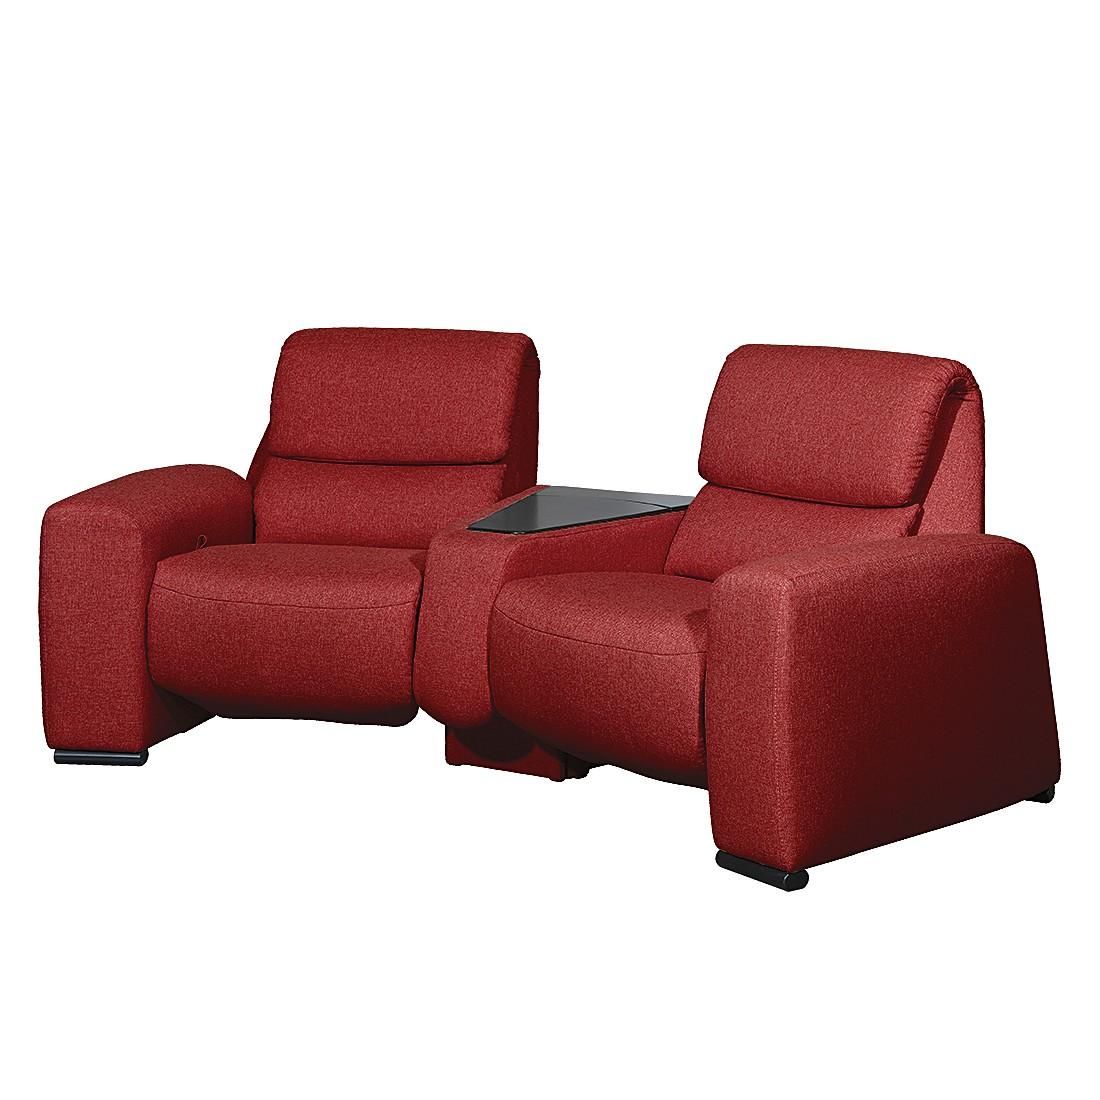 Relaxsofa Space (2-Sitzer) – Webstoff – Mit Relaxfunktion – Rot, trendline by ADA günstig online kaufen